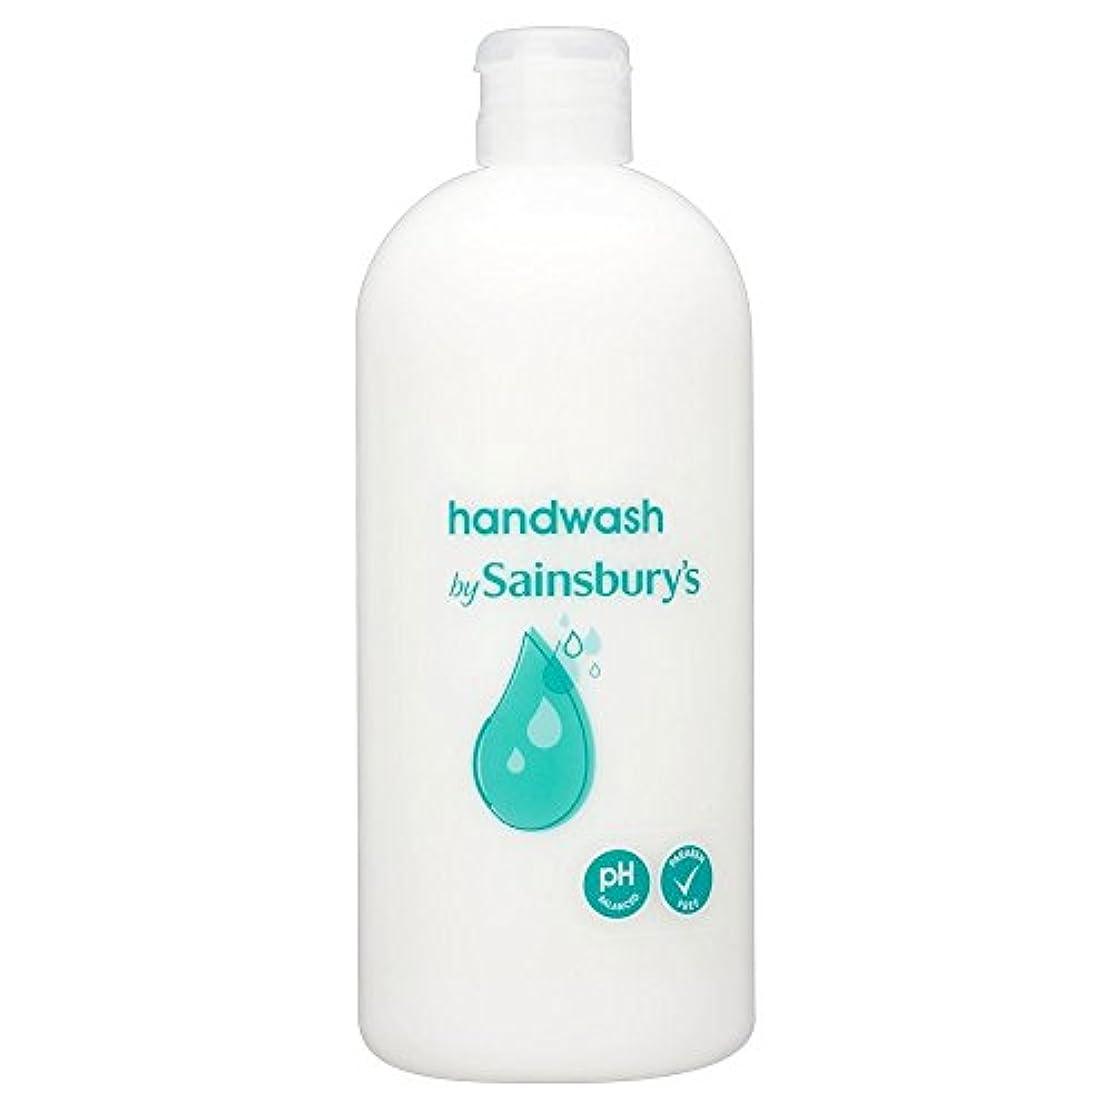 近傍マイクロフォンユーザーSainsbury's Handwash, White Refill 500ml (Pack of 2) - (Sainsbury's) 手洗い、白リフィル500ミリリットル (x2) [並行輸入品]